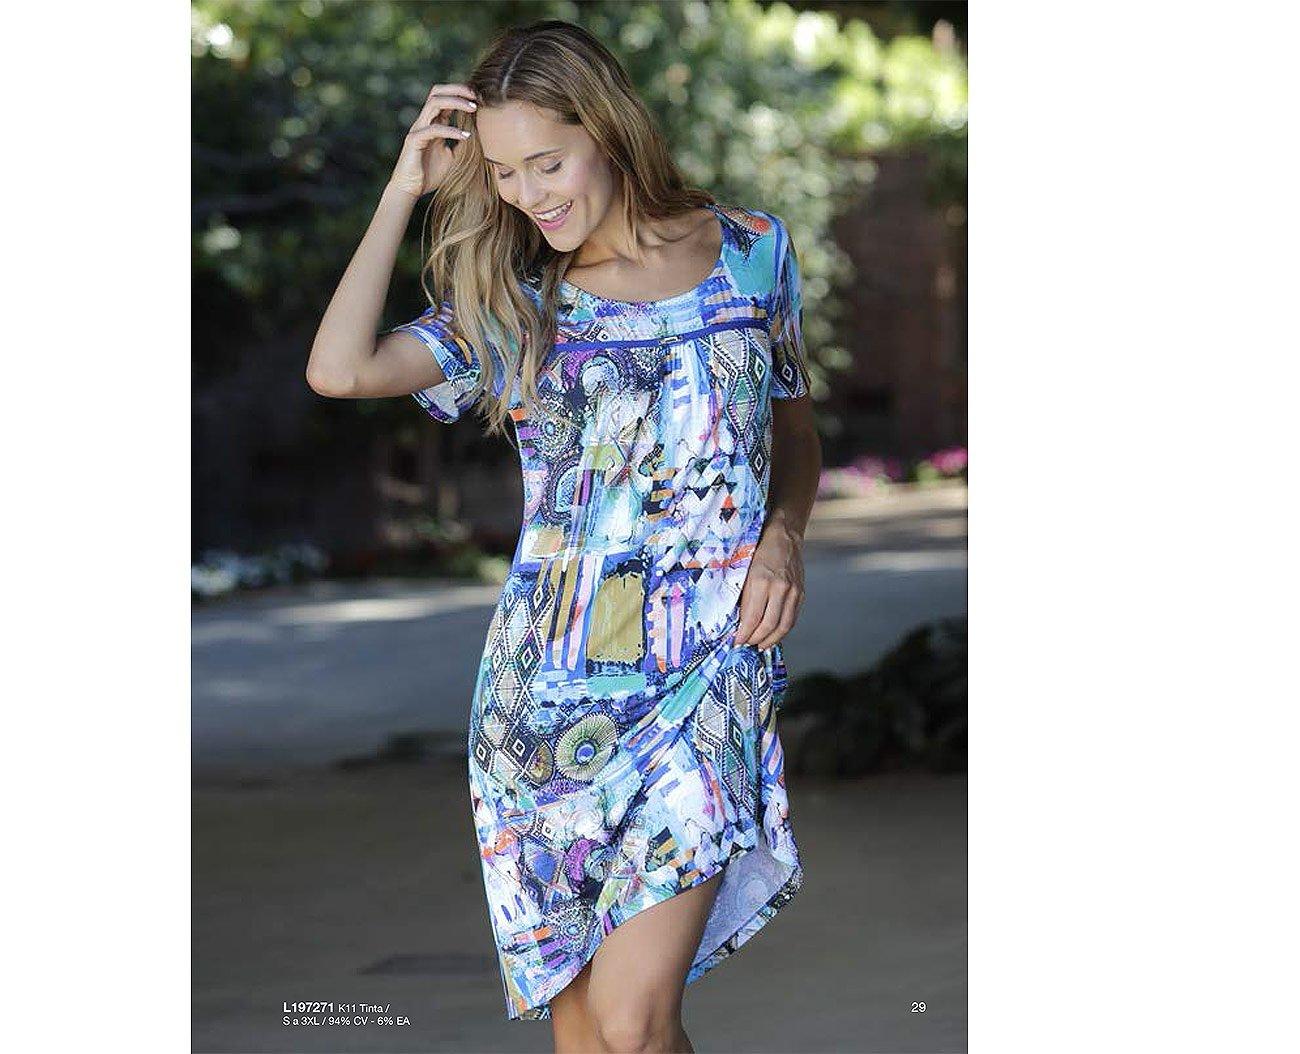 Massana L197271 sukienka tinta playera mujer c/redondo